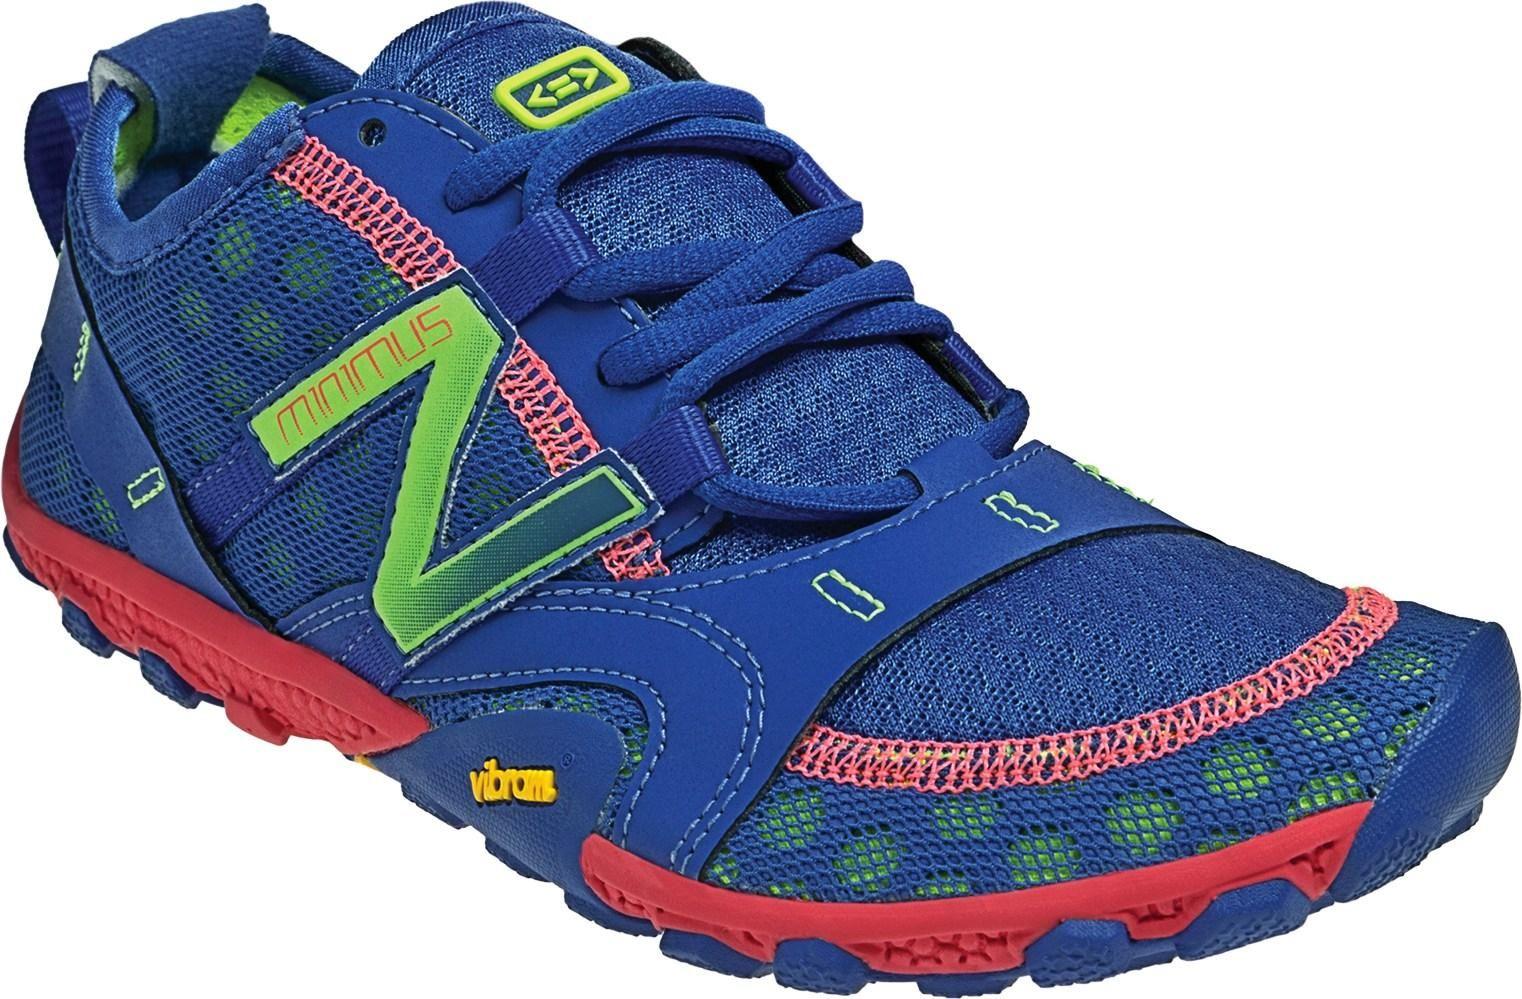 Acción de gracias Armonioso submarino  New Balance WT10v2 Minimus Trail-Running Shoes - Women's | Running shoes,  Best trail running shoes, Minimalist shoes